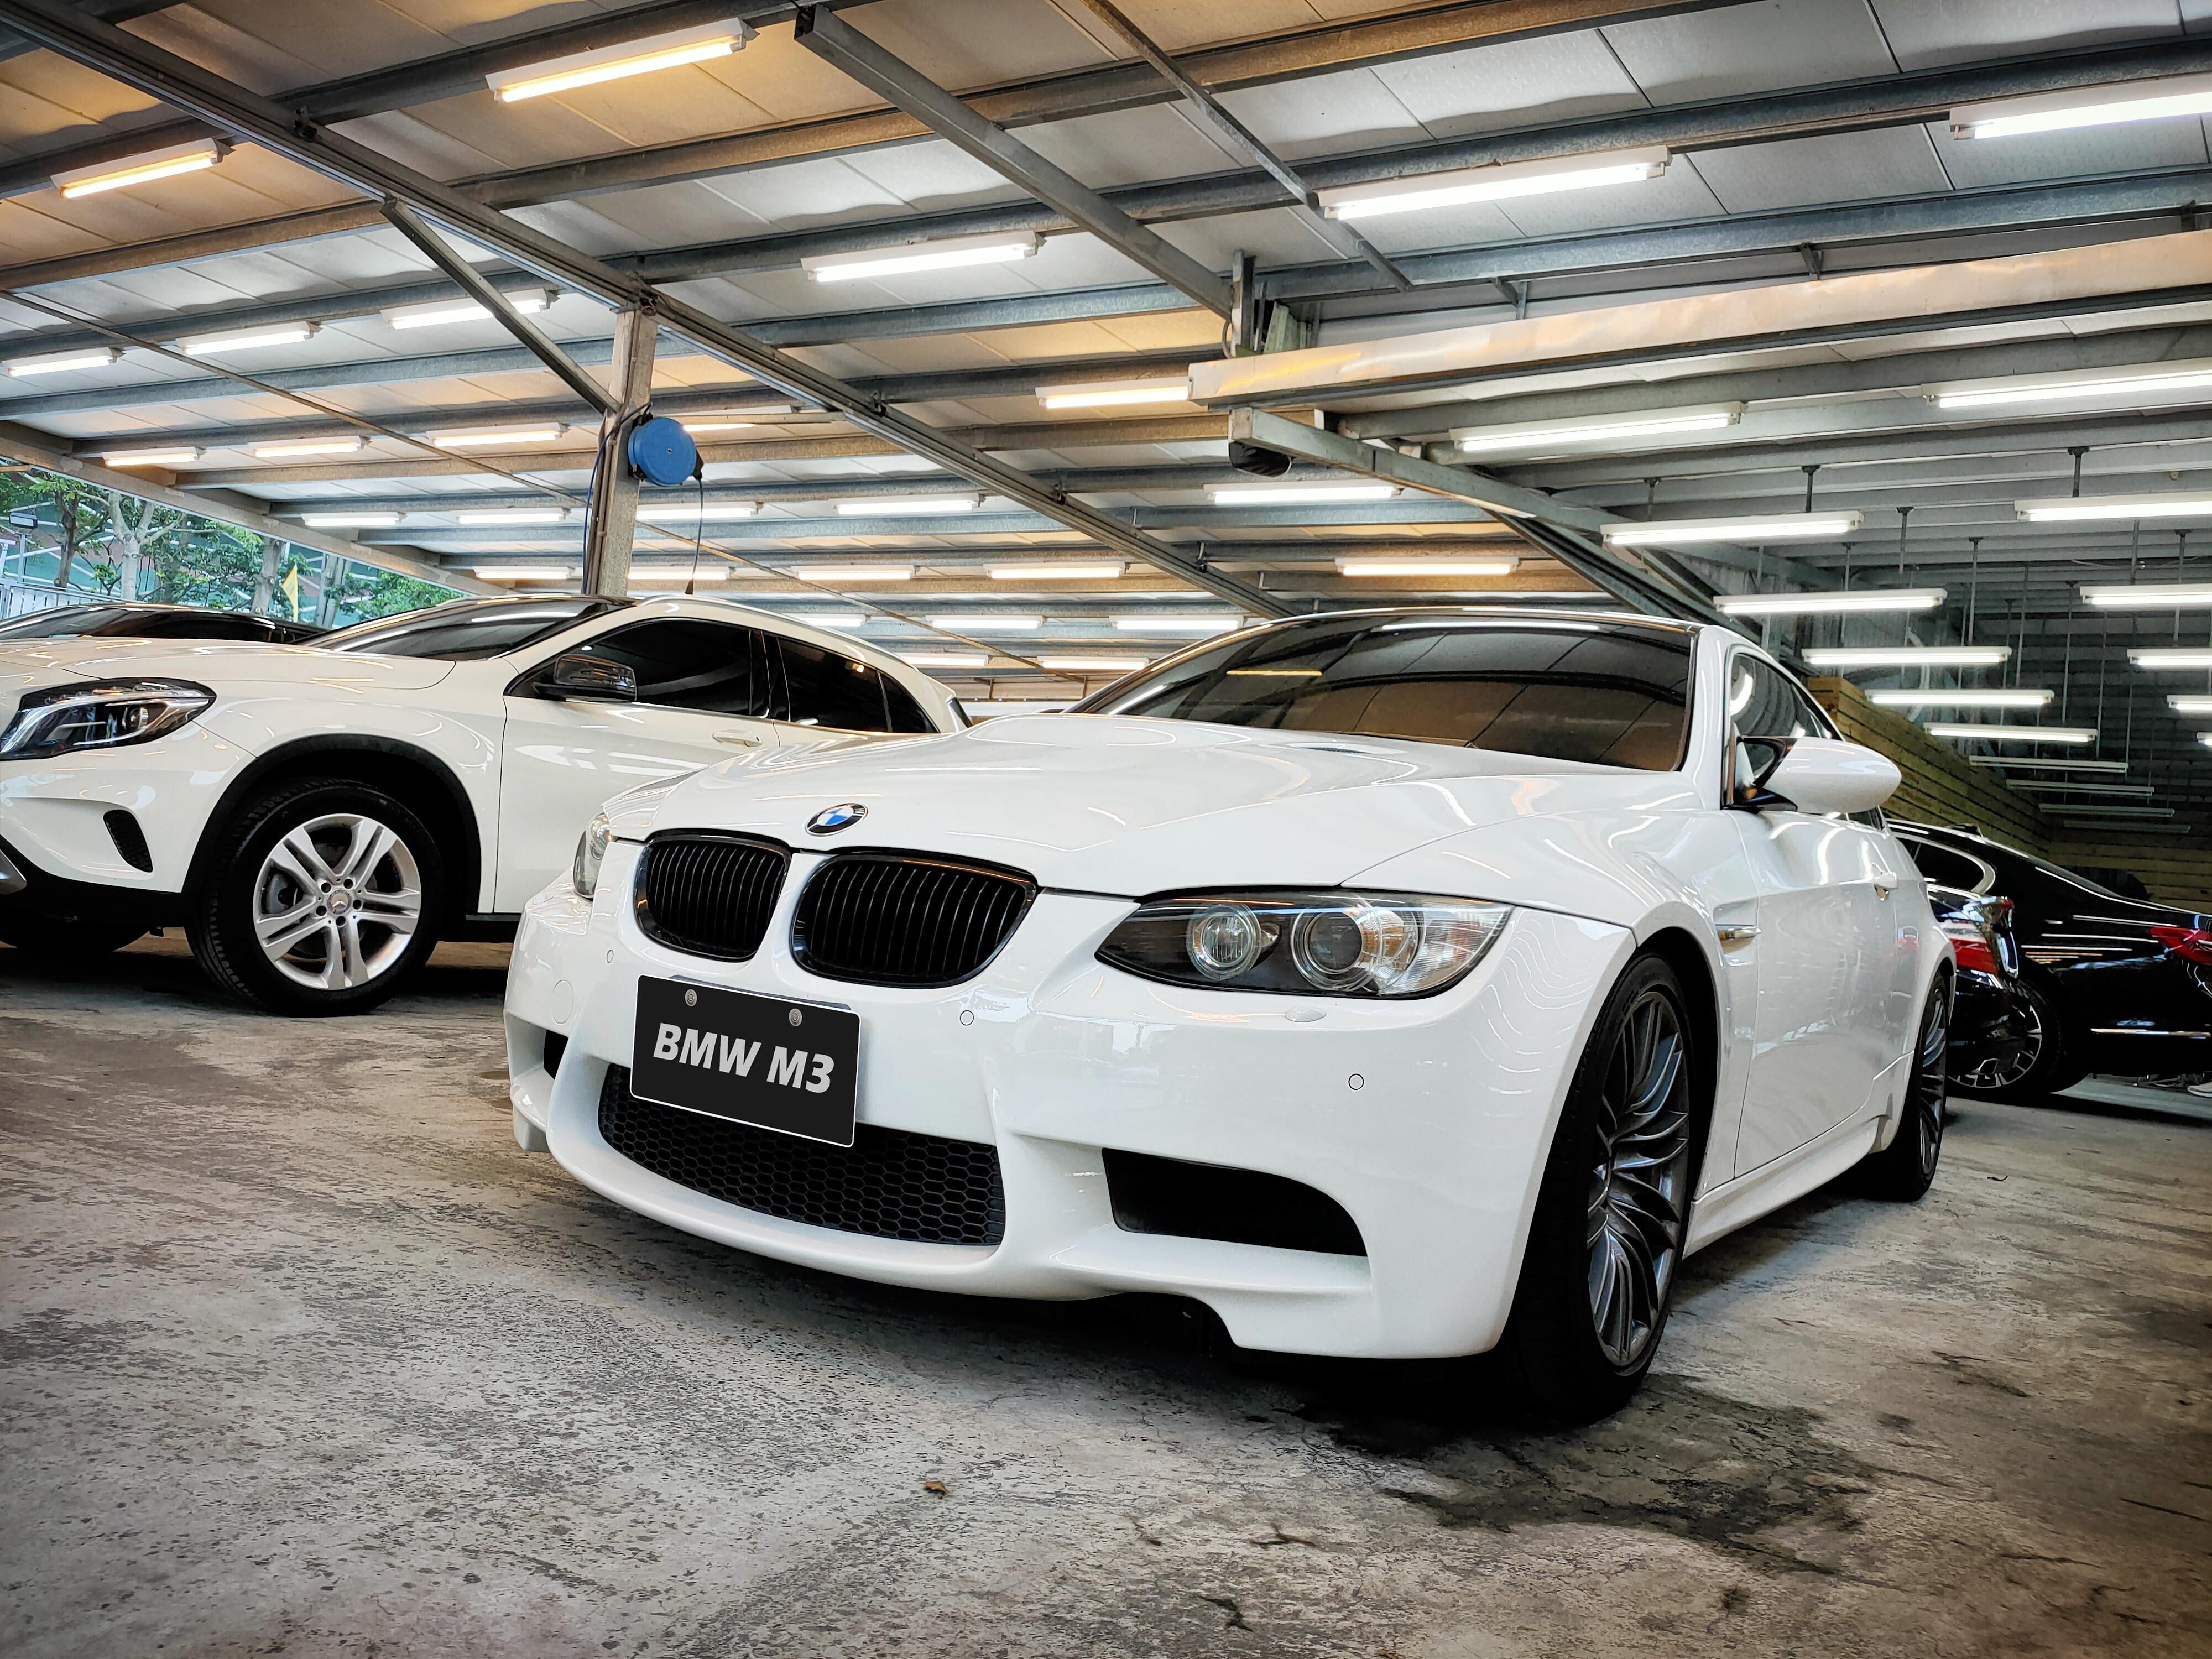 2010 BMW 寶馬 M3